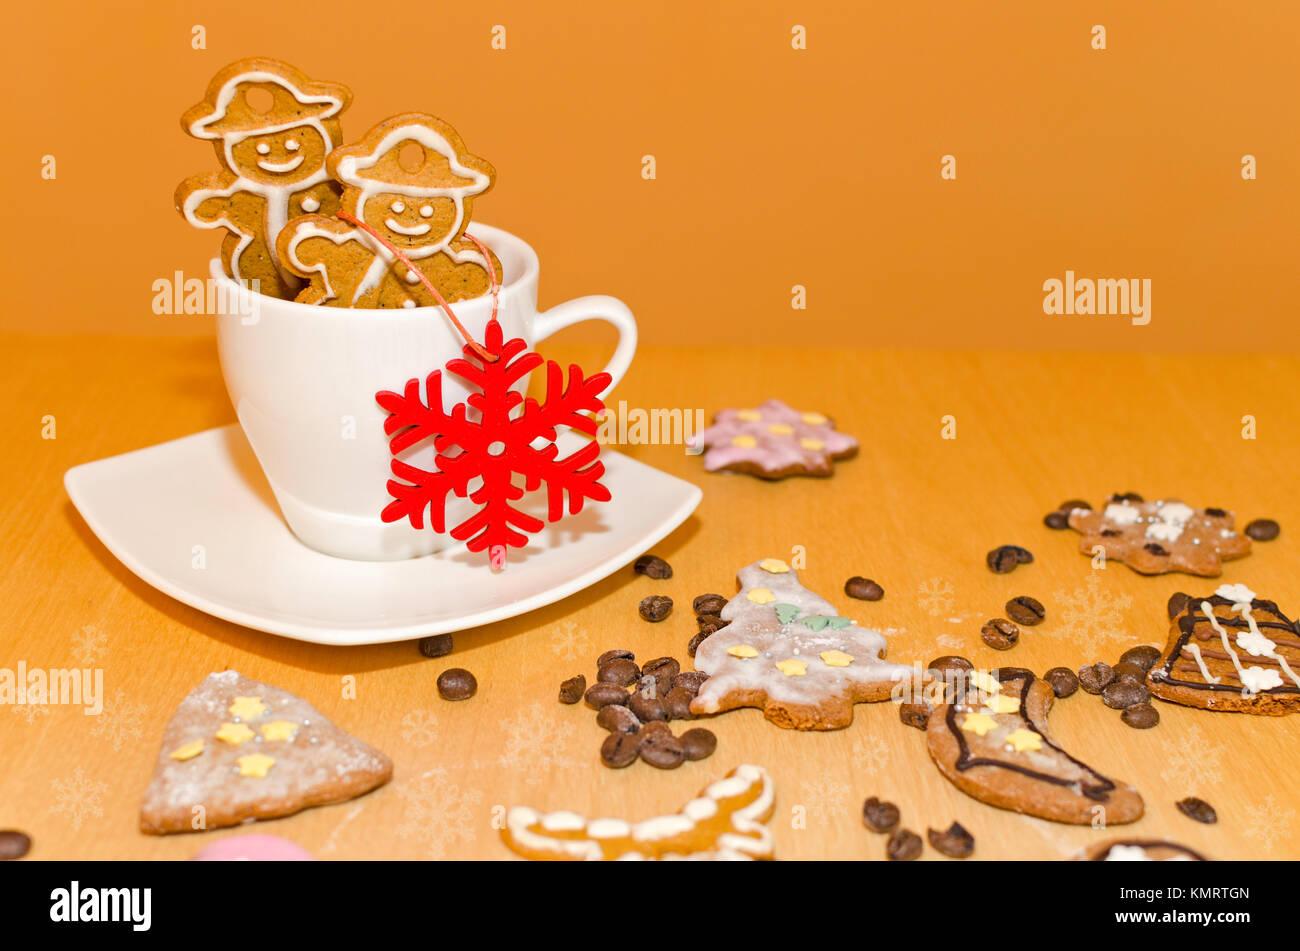 Grüße Für Weihnachten Stockfotos & Grüße Für Weihnachten Bilder - Alamy